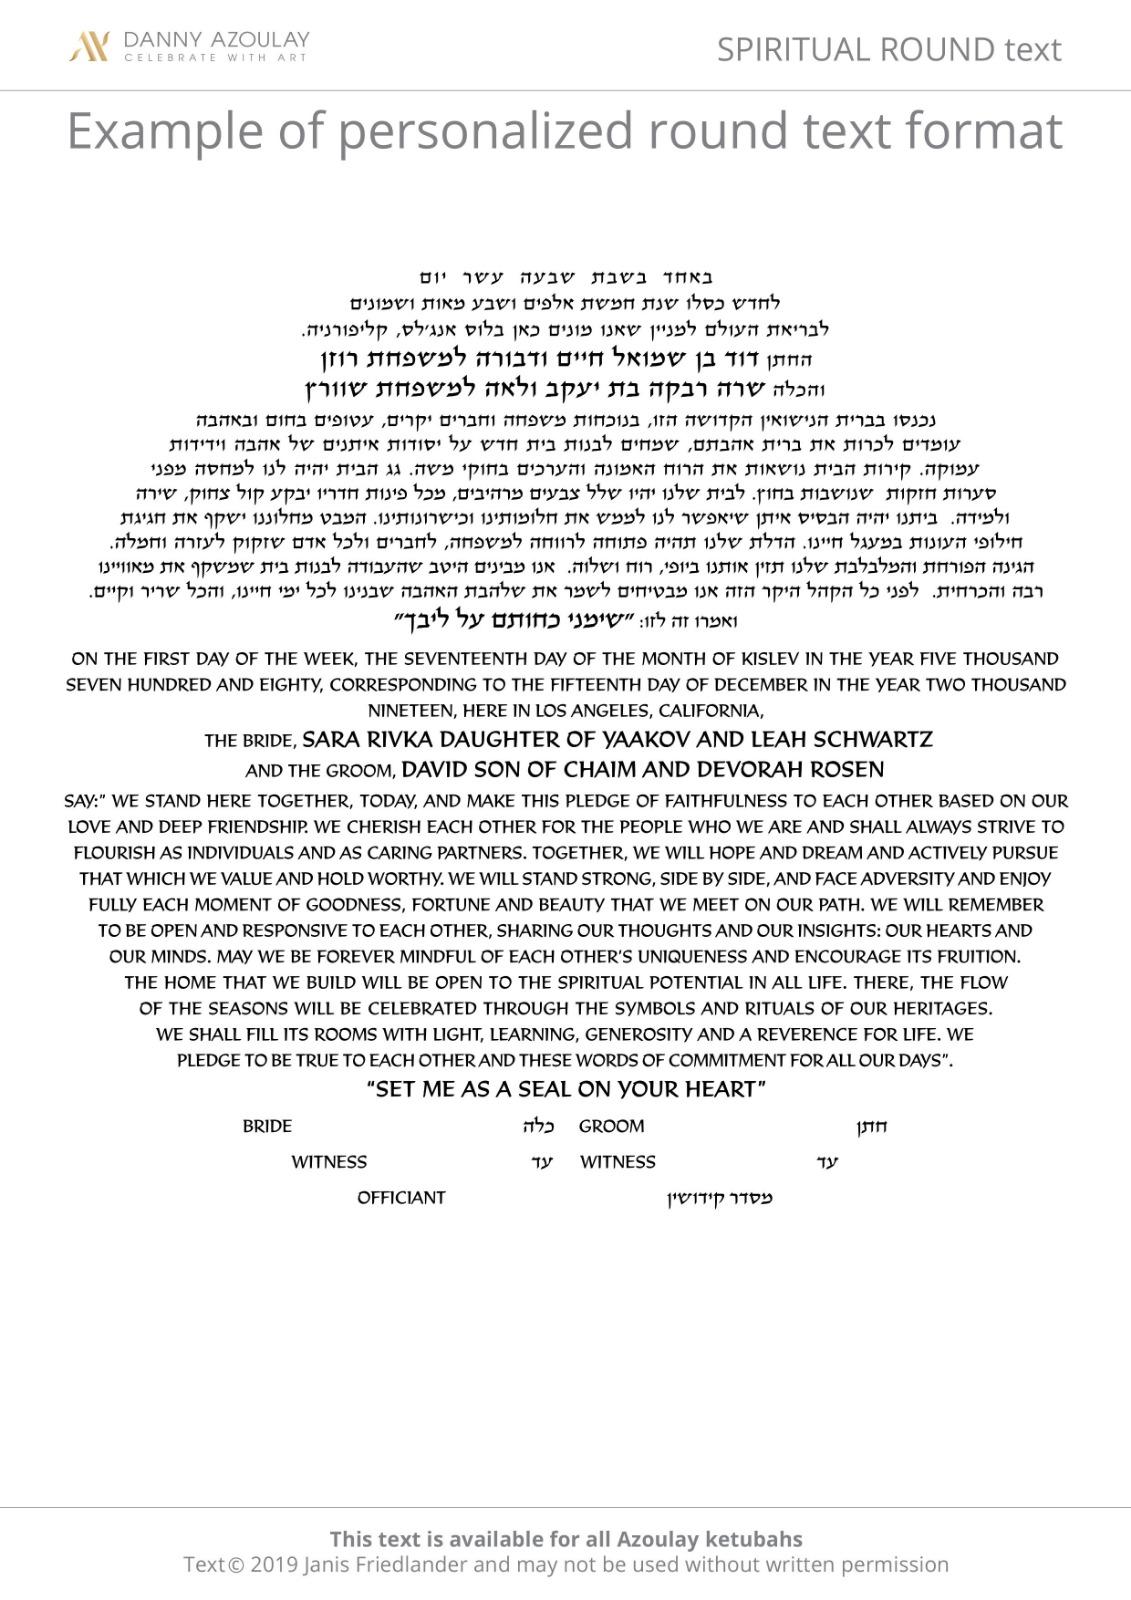 Spiritual text for ketubah